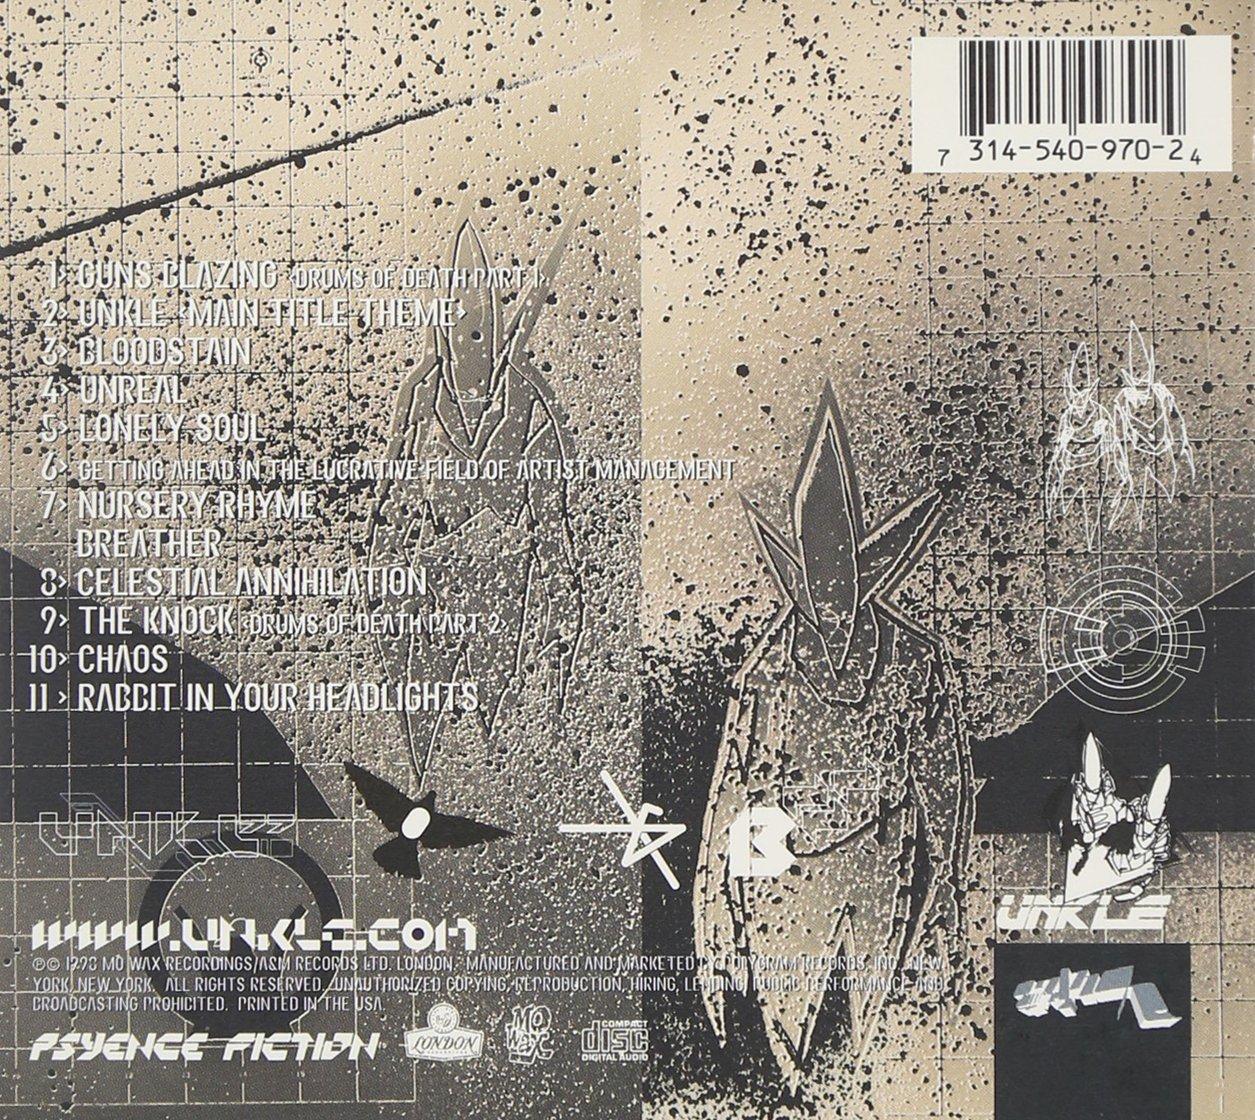 Amazon.com: Psyence Fiction: Music